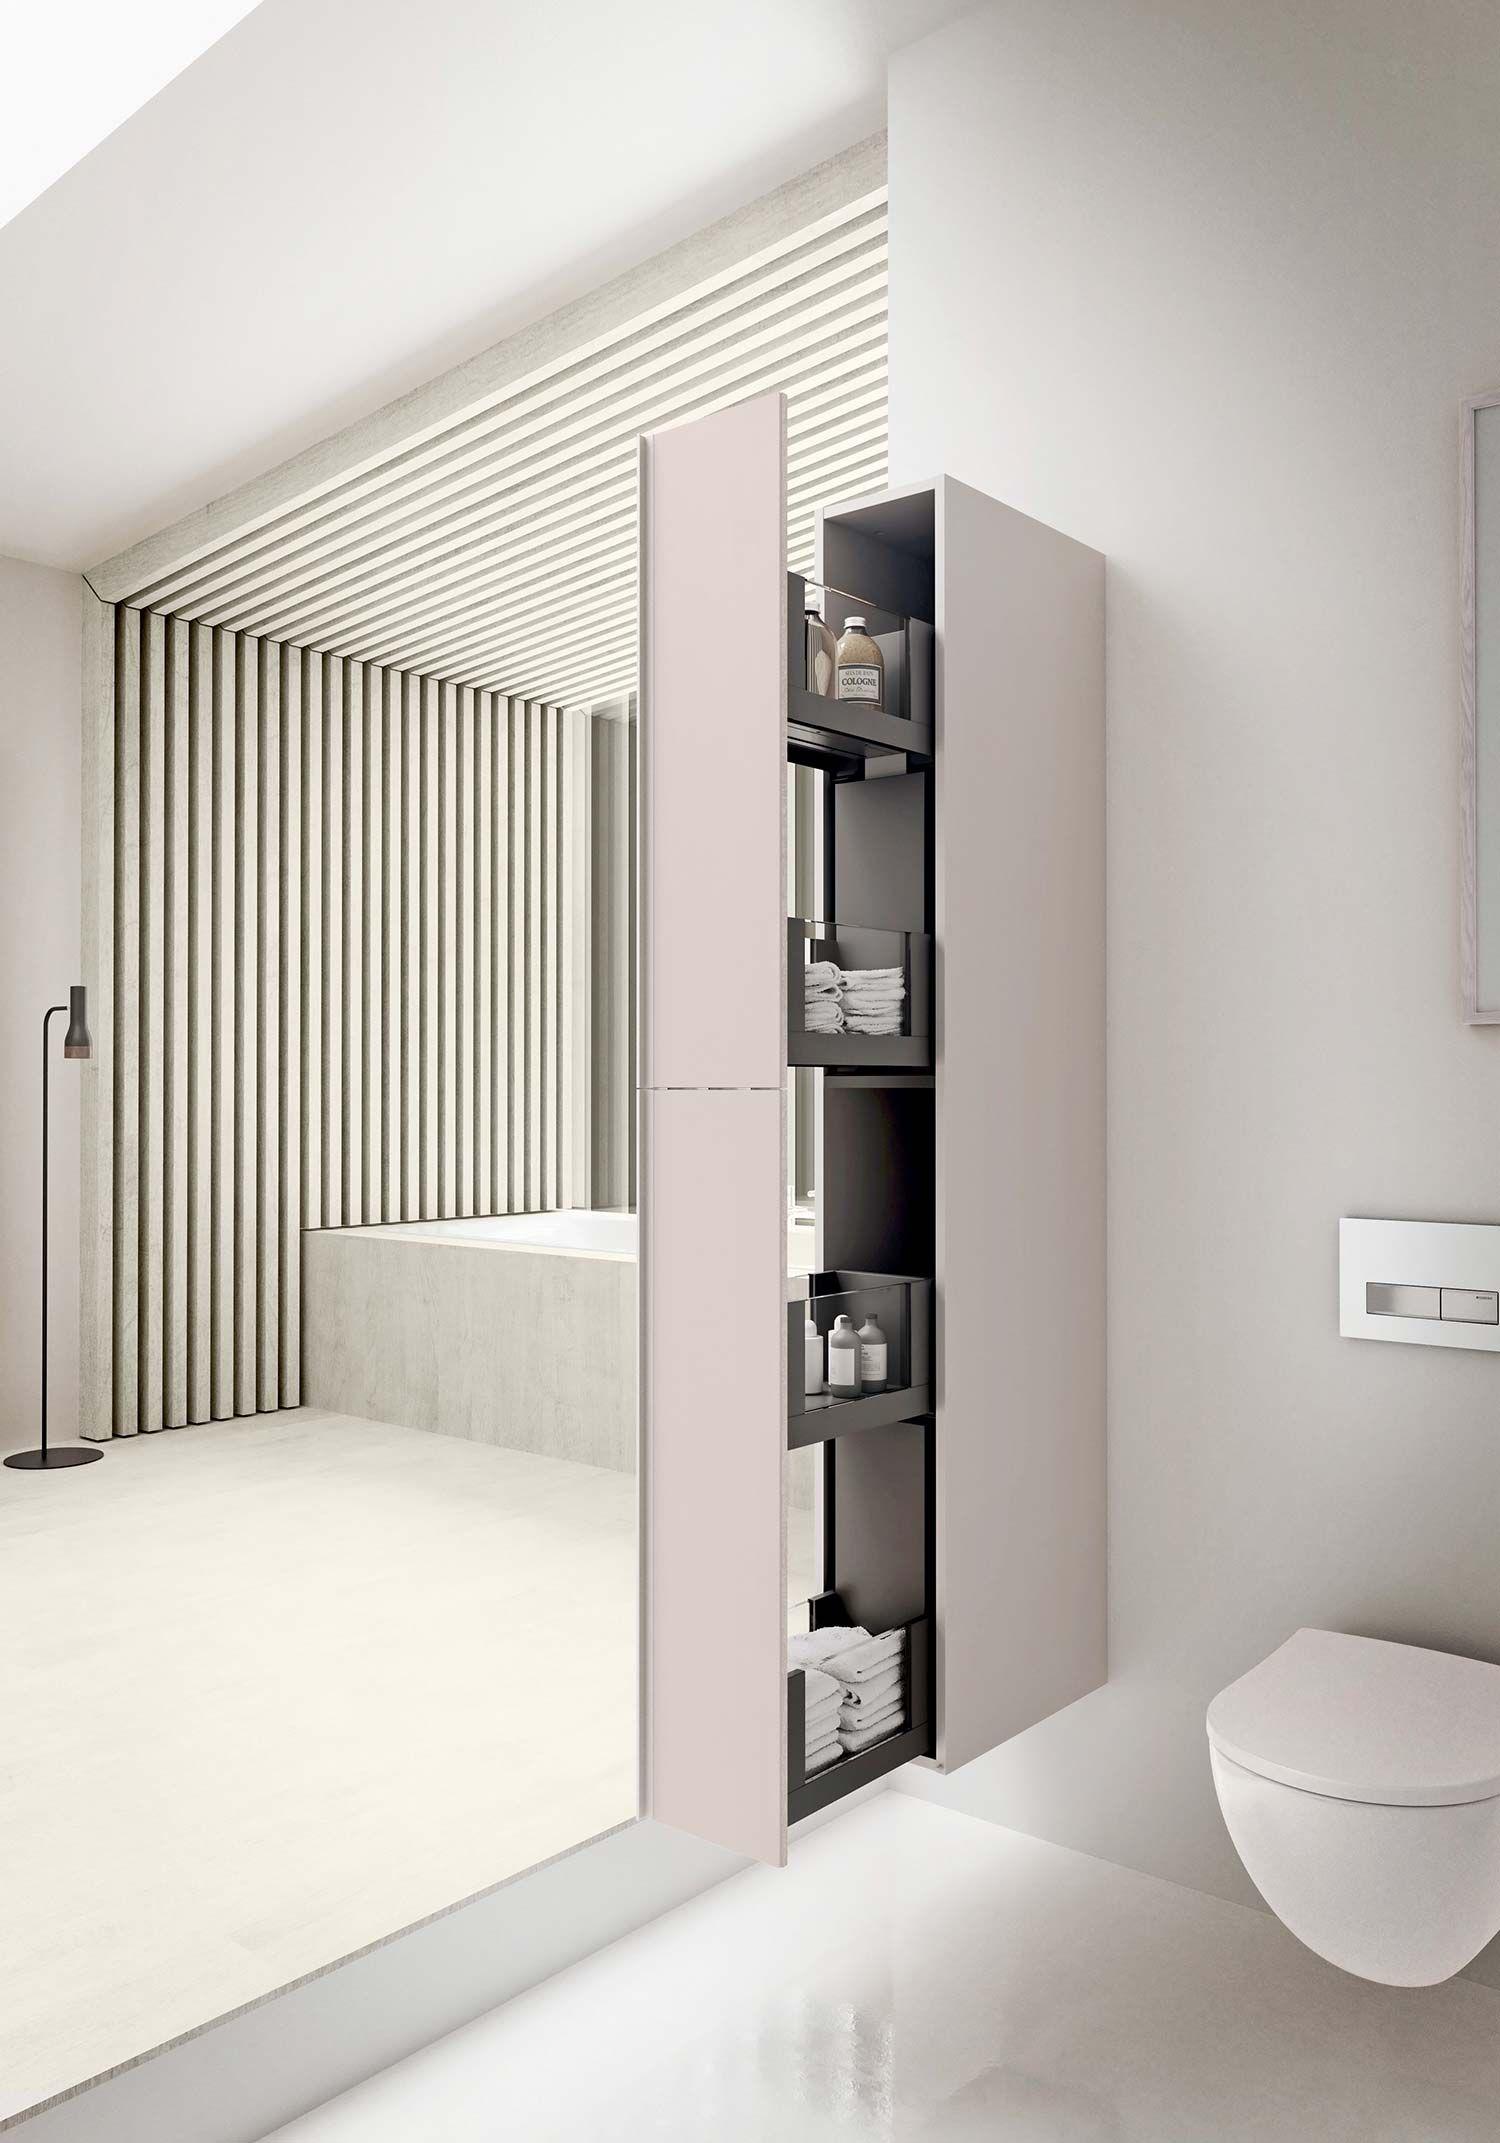 Kleines hotelbadezimmerdesign  fehler bei der badplanung  bad  pinterest